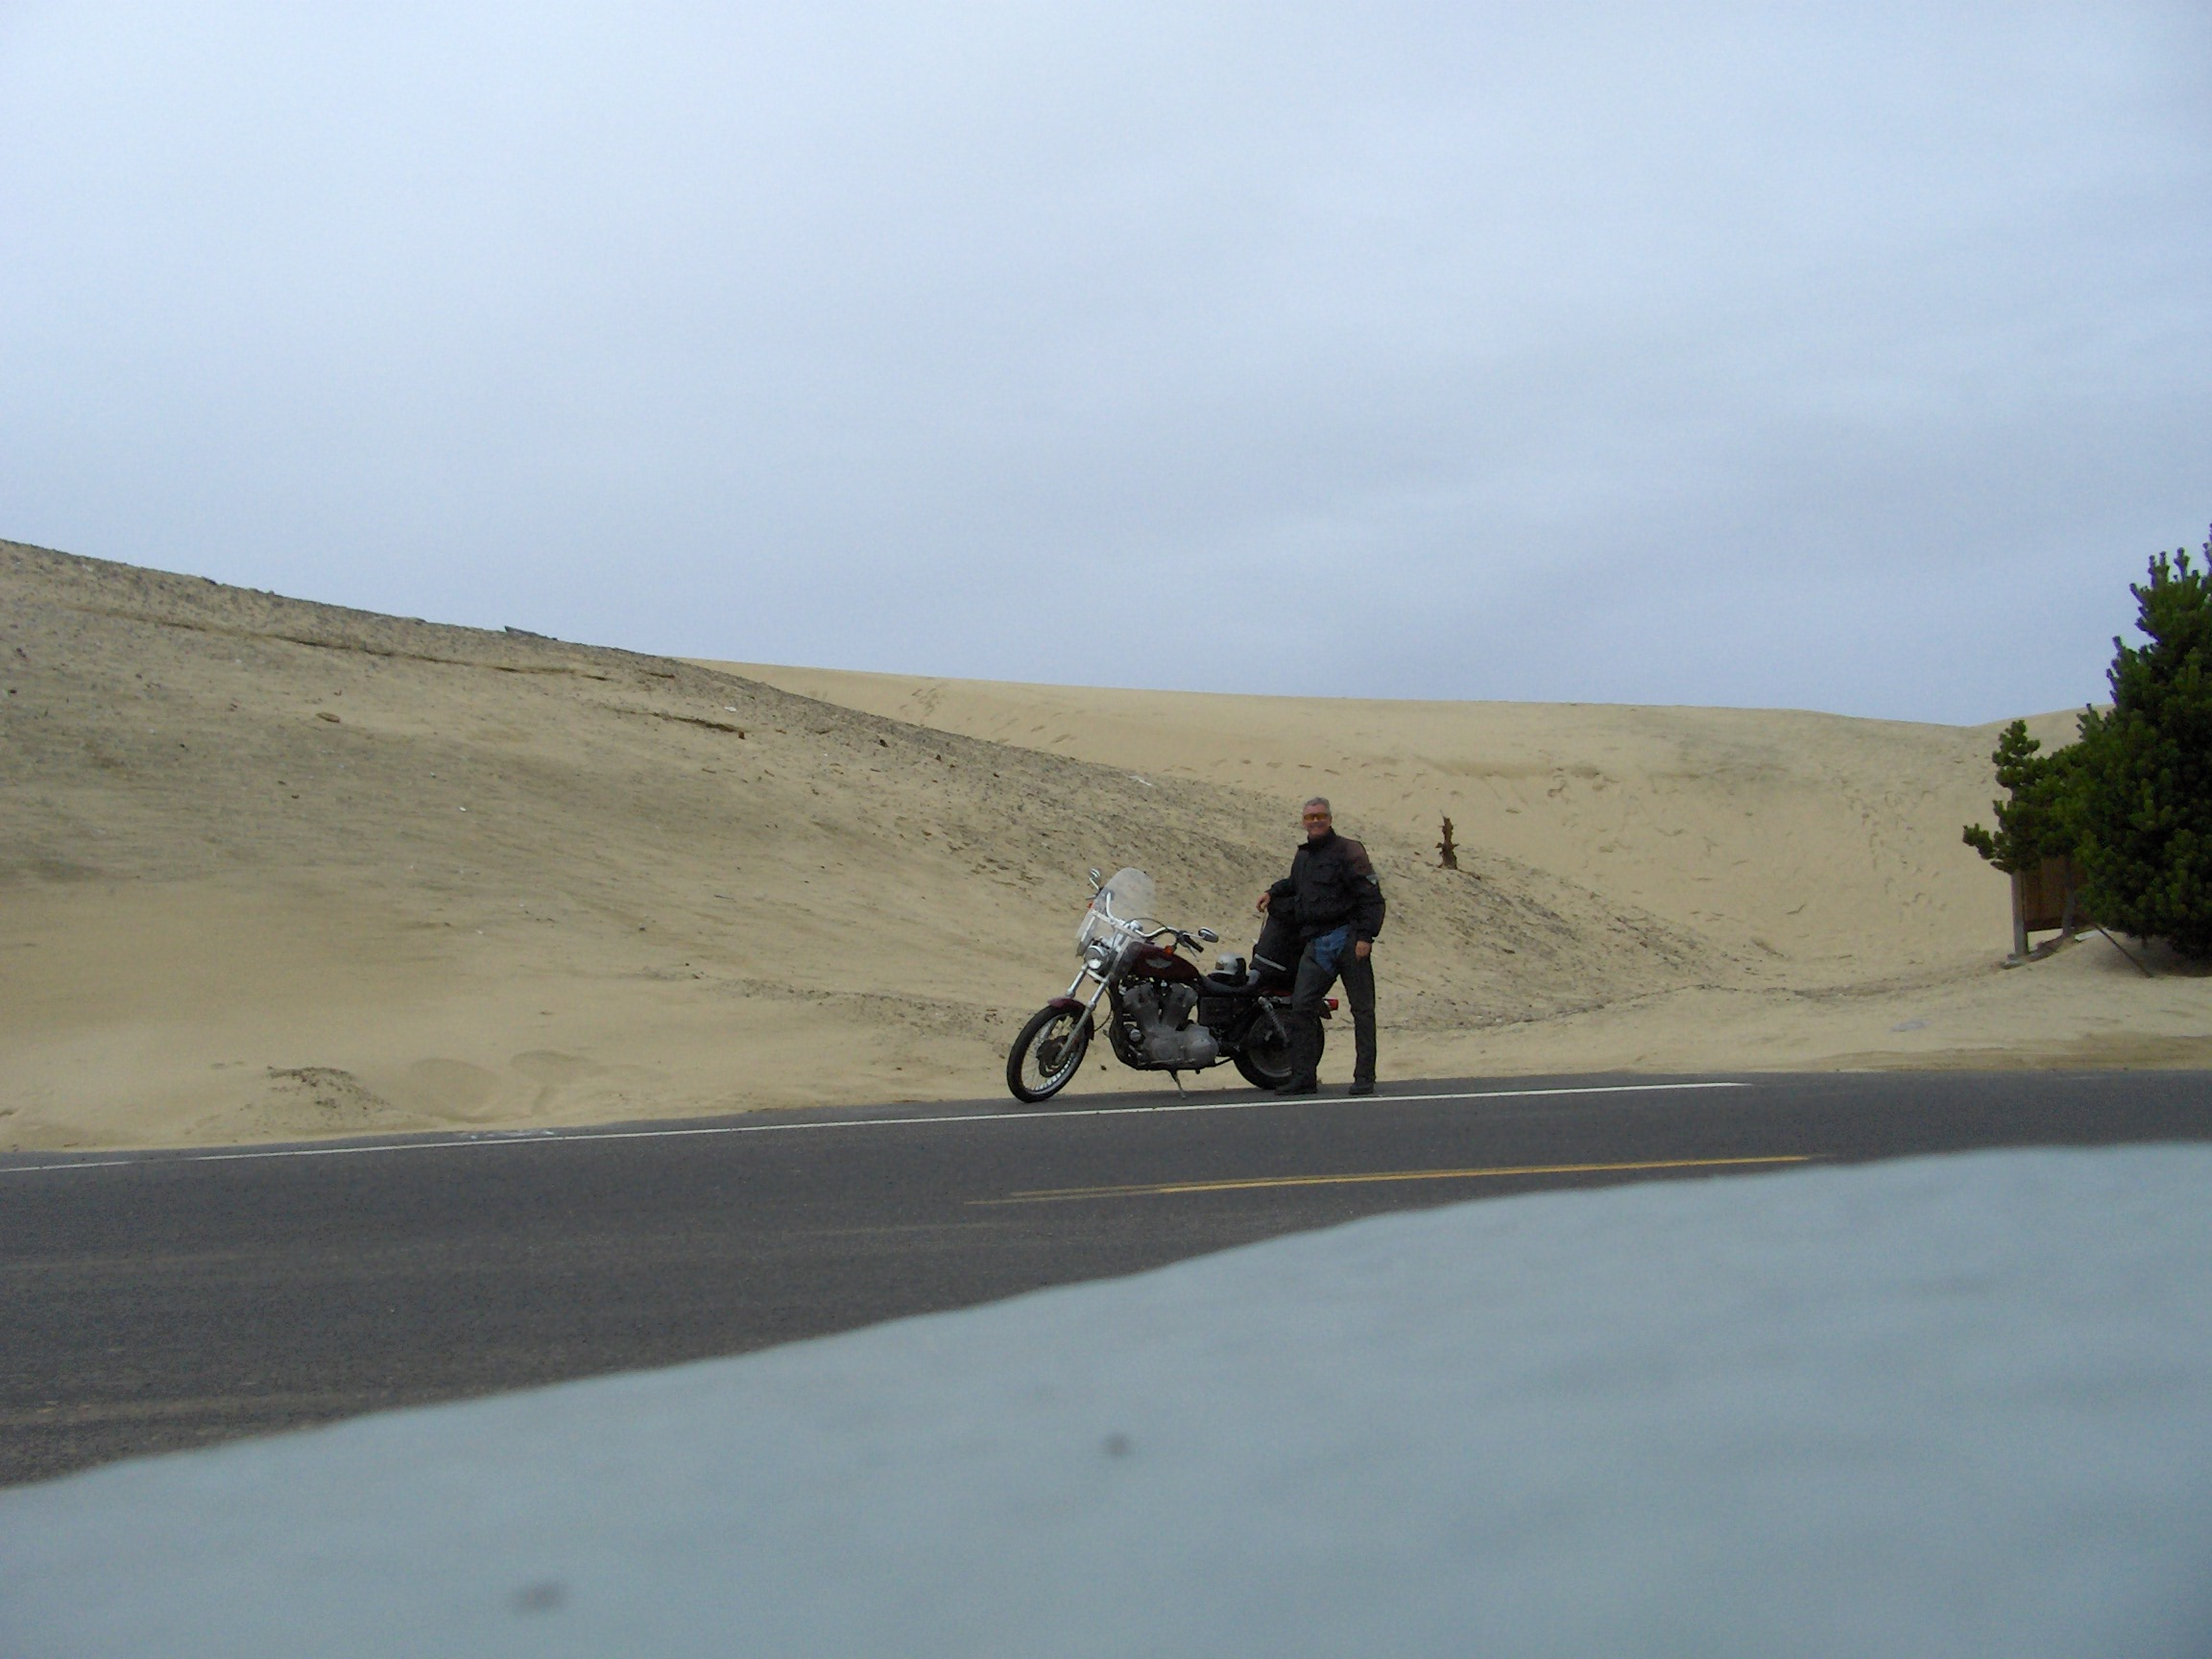 A Fun Motorcycle Trip